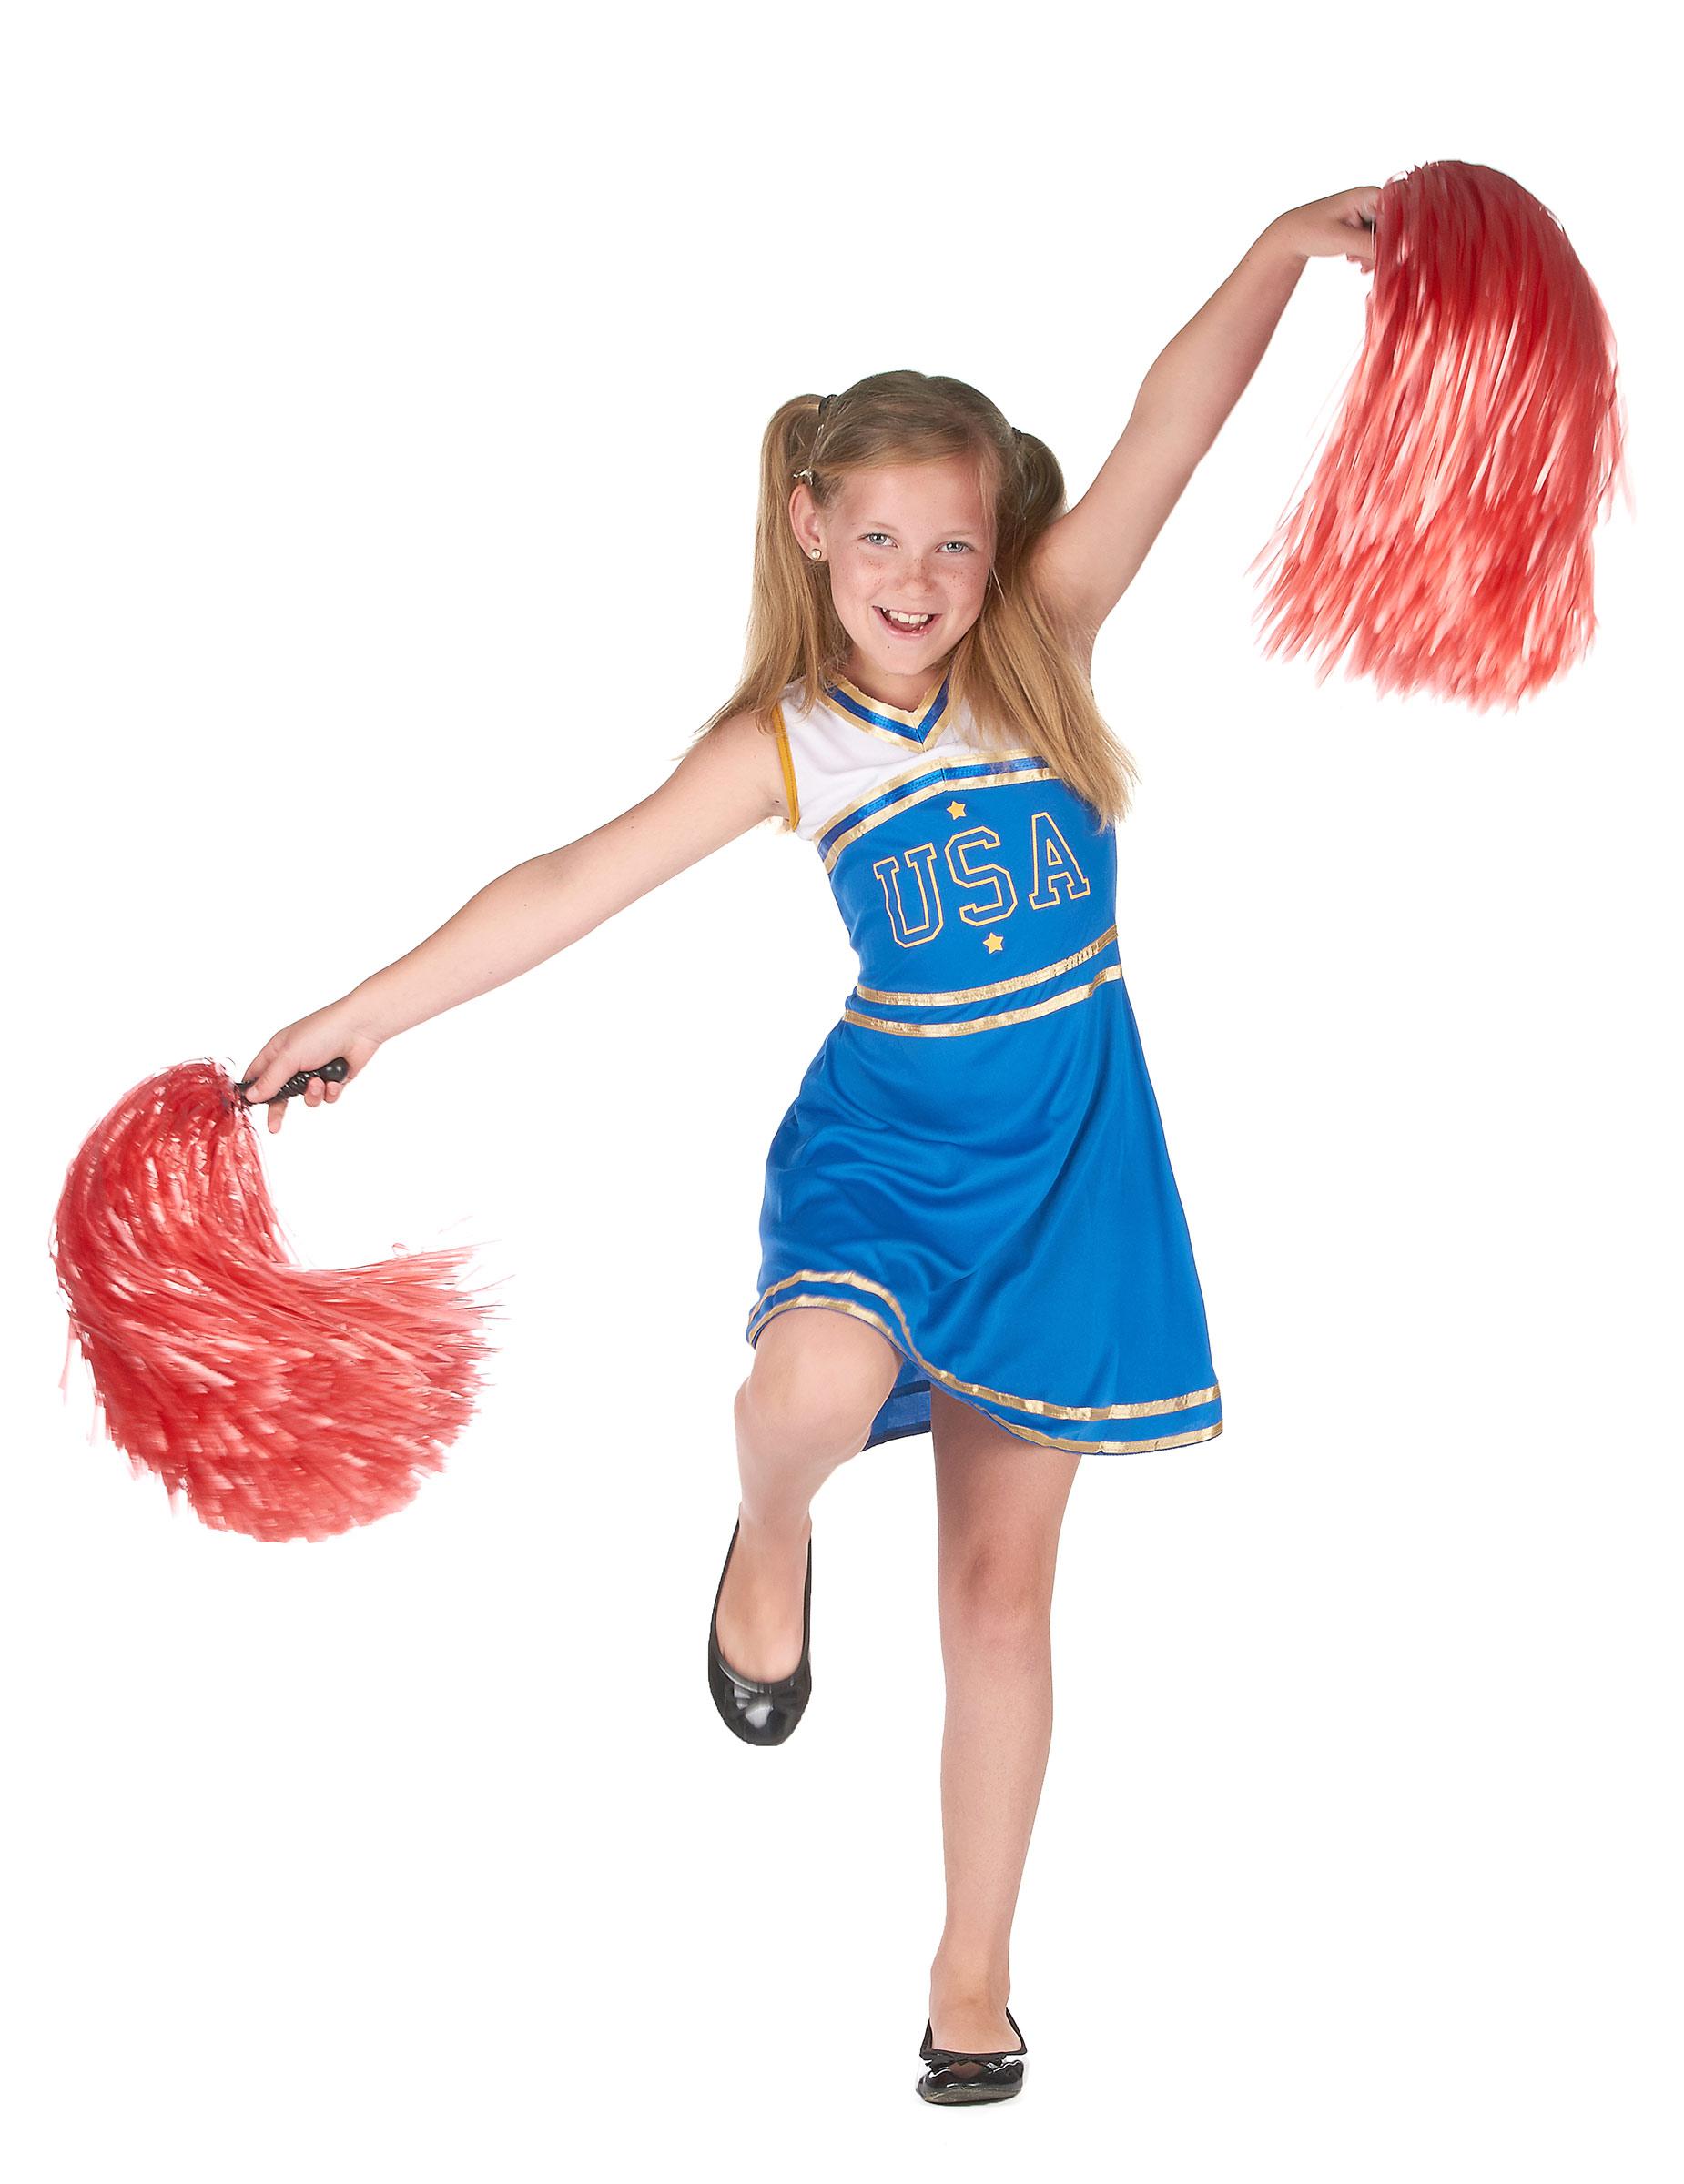 cheerleader kinderkost m karnevalskost m blau weiss g nstige faschings kost me bei karneval. Black Bedroom Furniture Sets. Home Design Ideas